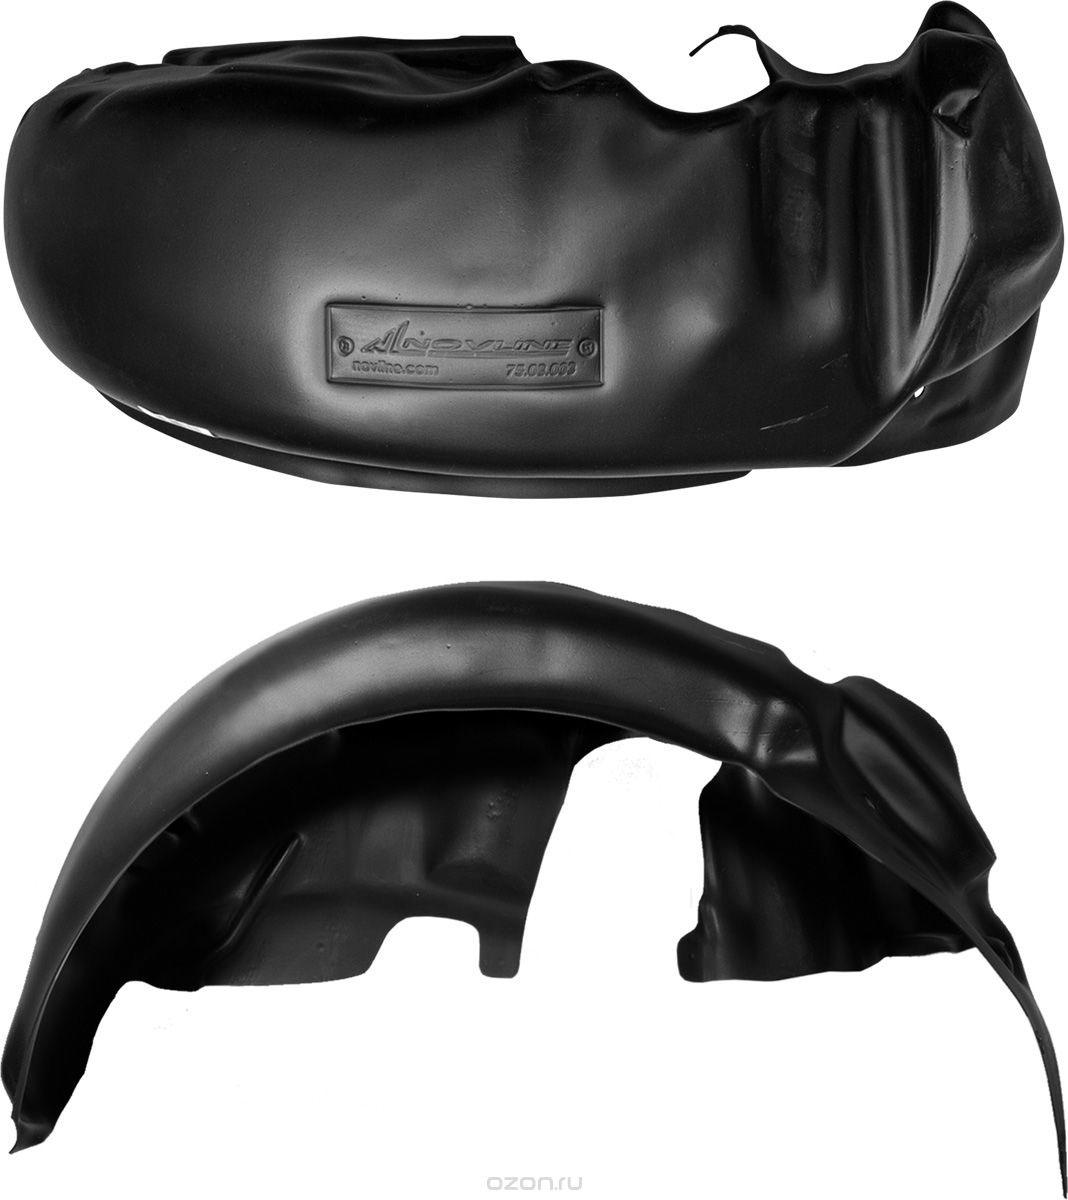 Подкрылок Novline-Autofamily, для Faw Besturn B50, 2012->, передний левыйNLL.62.12.001Идеальная защита колесной ниши. Локеры разработаны с применением цифровых технологий, гарантируют максимальную повторяемость поверхности арки. Изделия устанавливаются без нарушения лакокрасочного покрытия автомобиля, каждый подкрылок комплектуется крепежом. Уважаемые клиенты, обращаем ваше внимание, что фотографии на подкрылки универсальные и не отражают реальную форму изделия. При этом само изделие идет точно под размер указанного автомобиля.